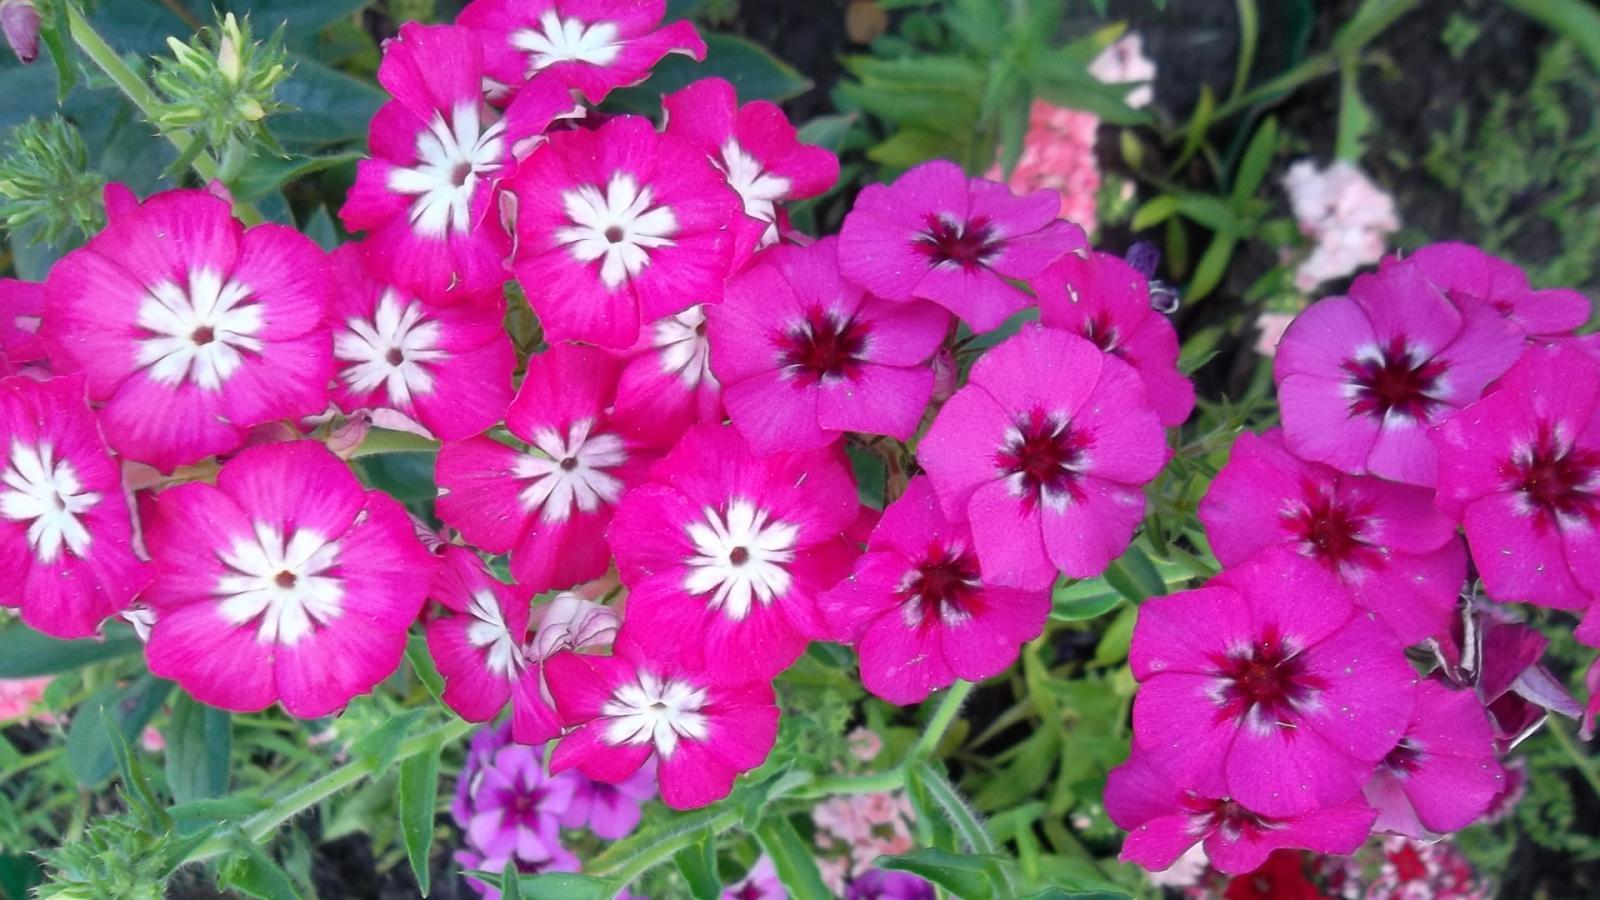 поговорим флокс друммонда период цветения в северных термобелье: Некоторые